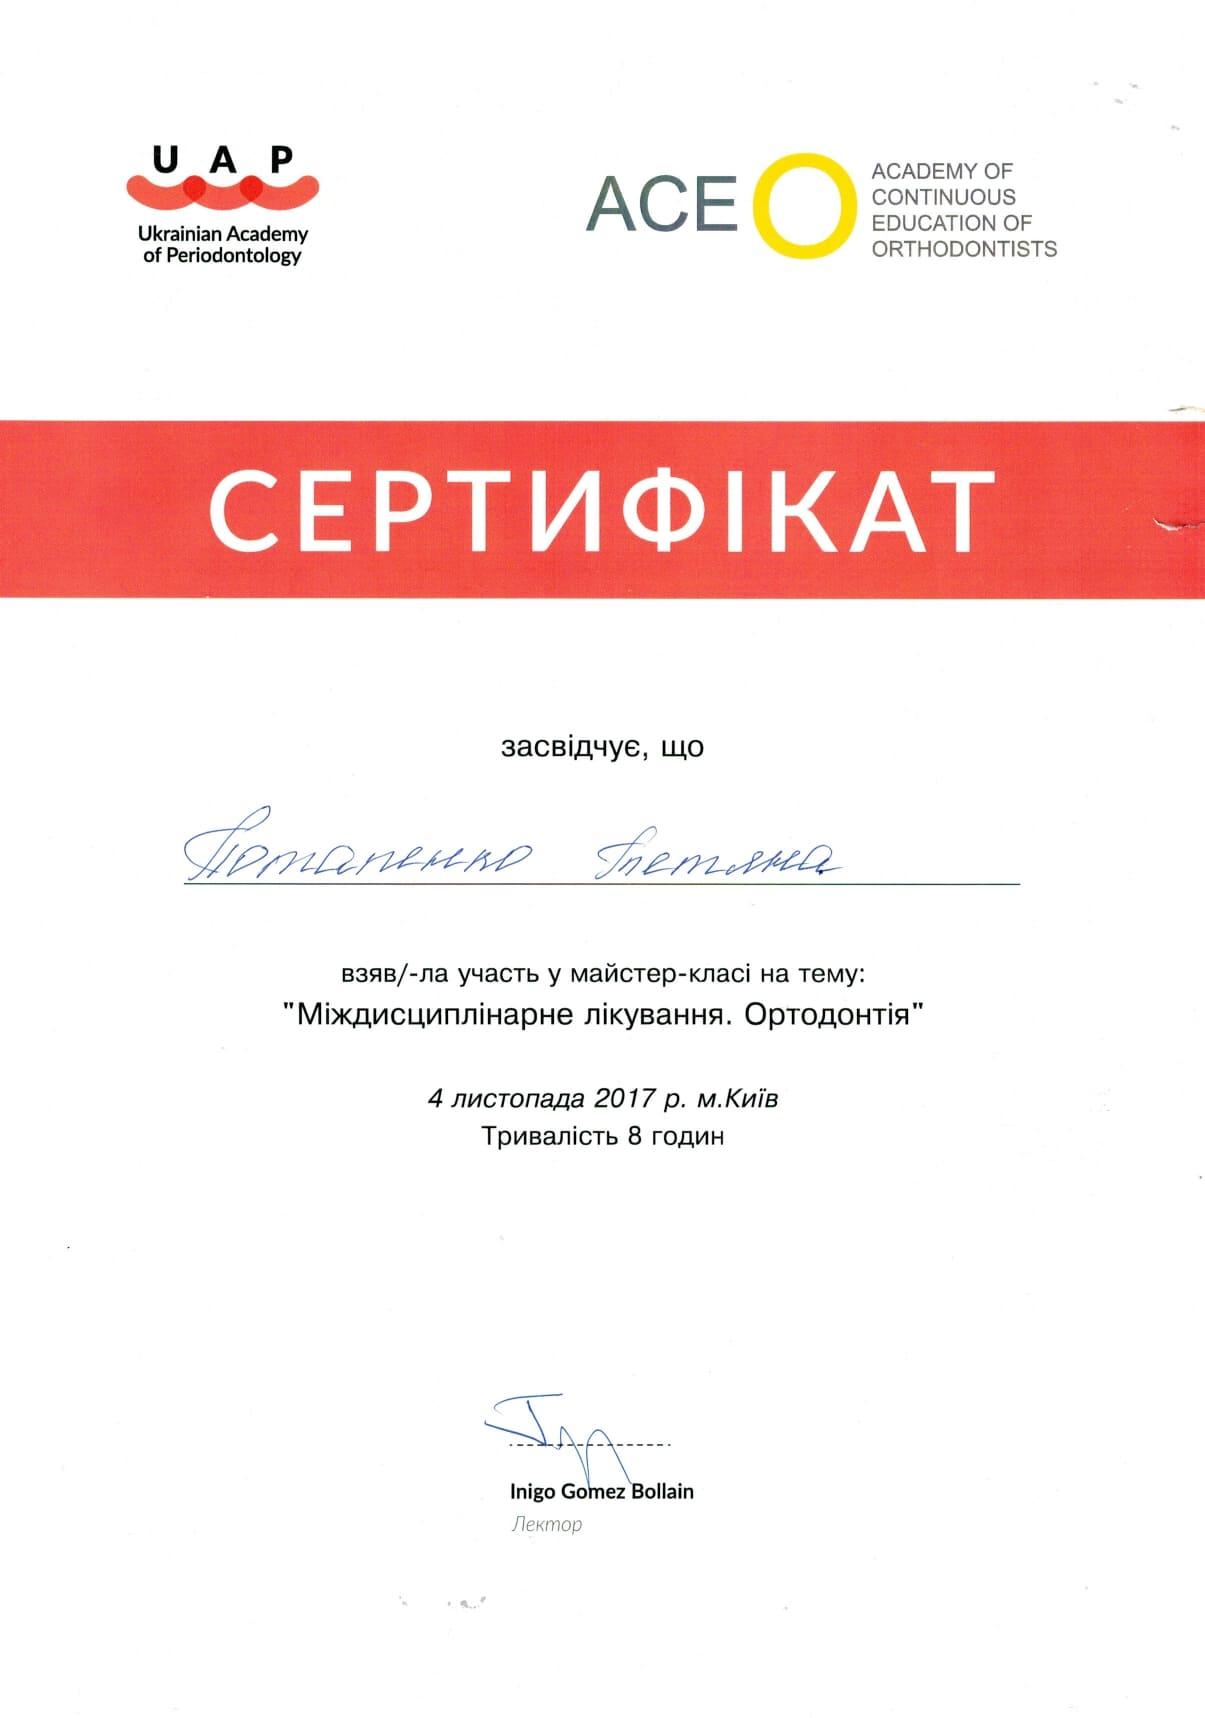 Сертифікат дитячого лікаря стоматолога Потапенко Тетяни Олексіївни об участі у курсі (Міждисциплінарне лікування. Ортодонтія)